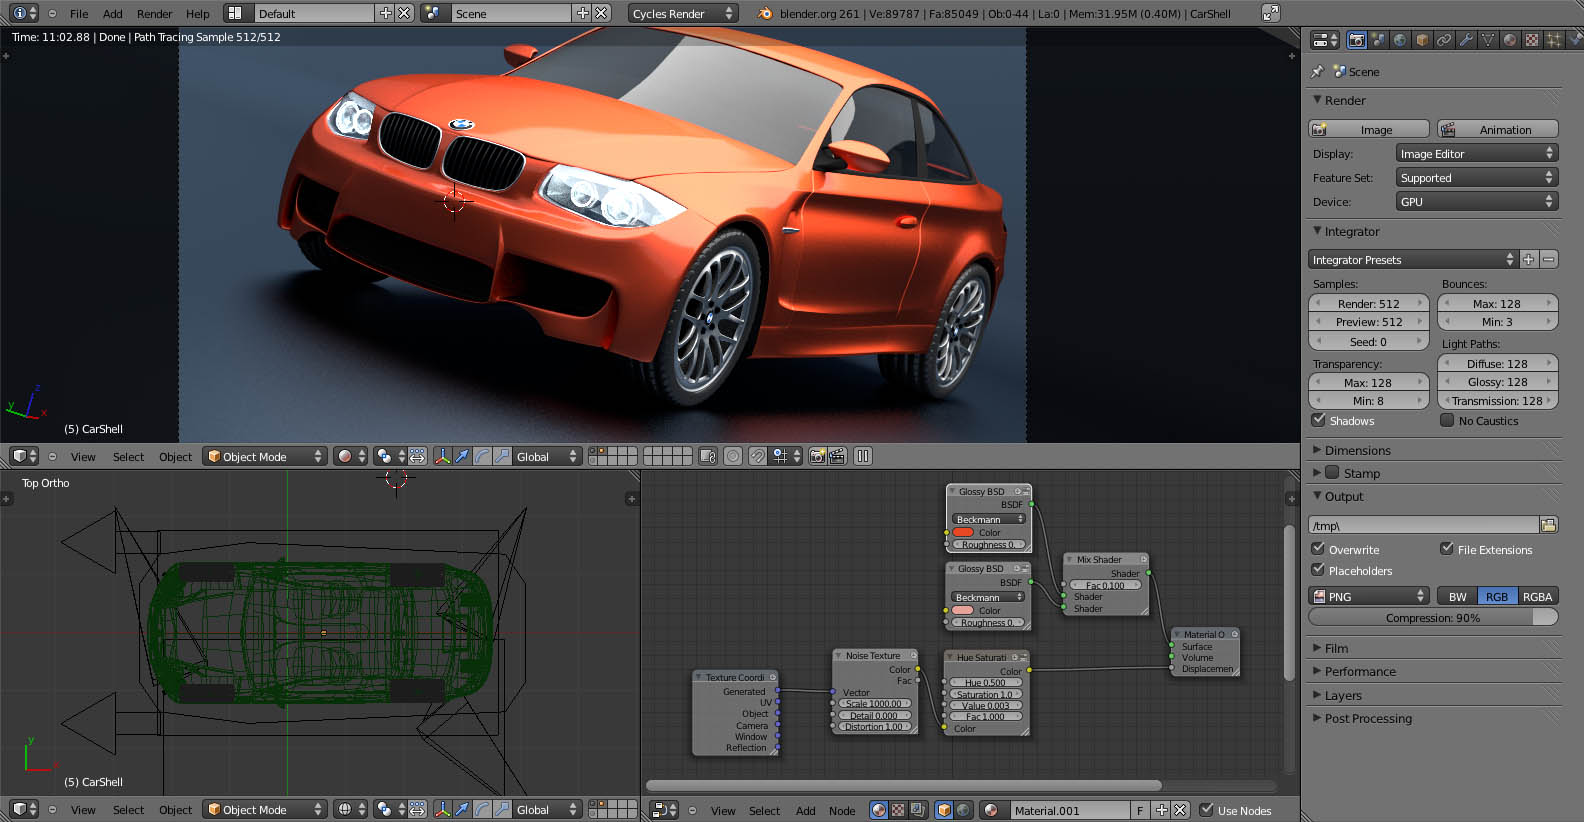 Лучшие программы для 3d моделирования – создание компьютерных моделей и проектирование в 3д редакторах, где скачать на русском бесплатно